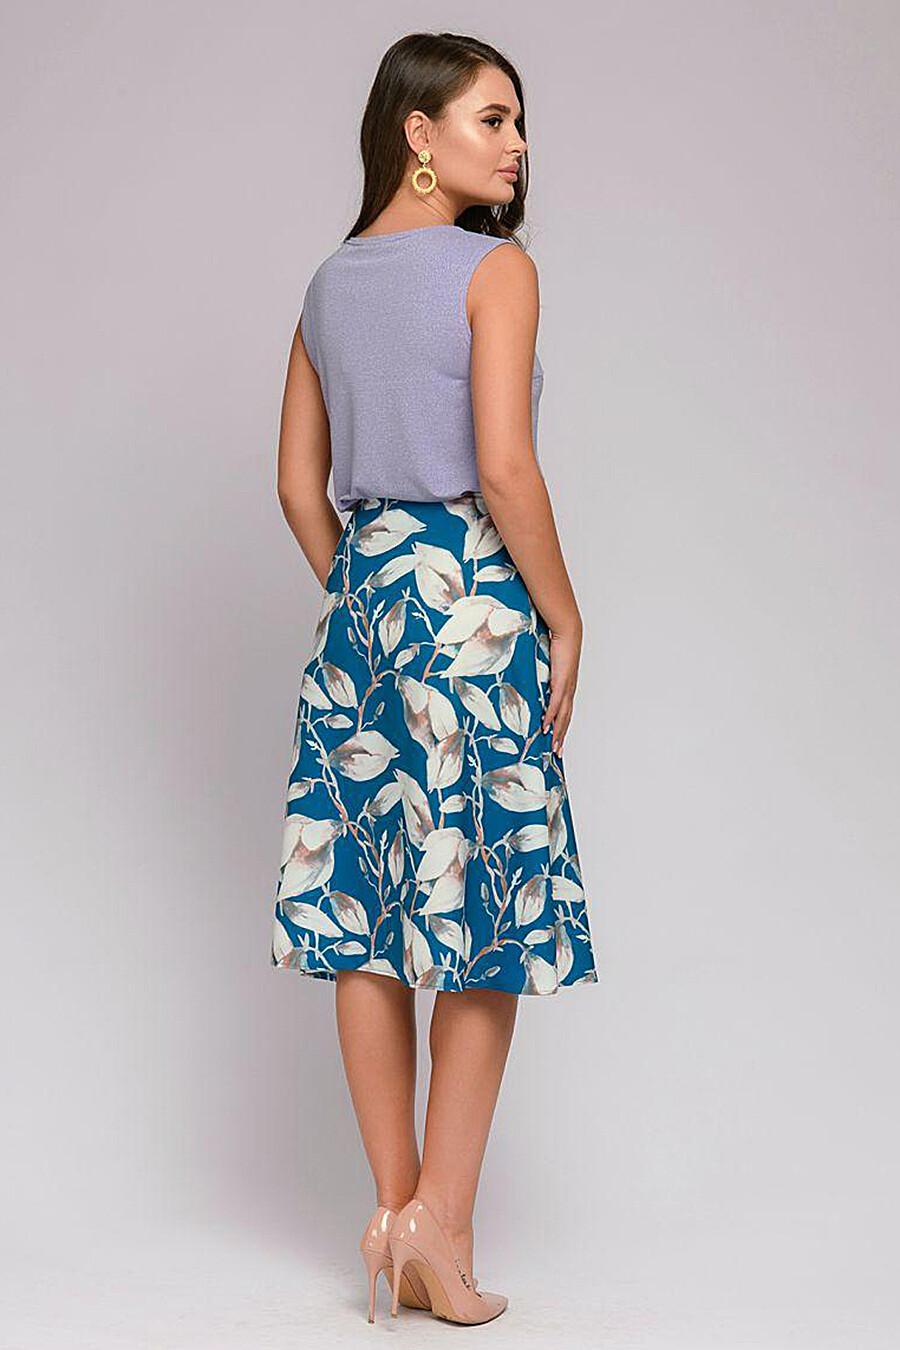 Юбка для женщин 1001 DRESS 147650 купить оптом от производителя. Совместная покупка женской одежды в OptMoyo